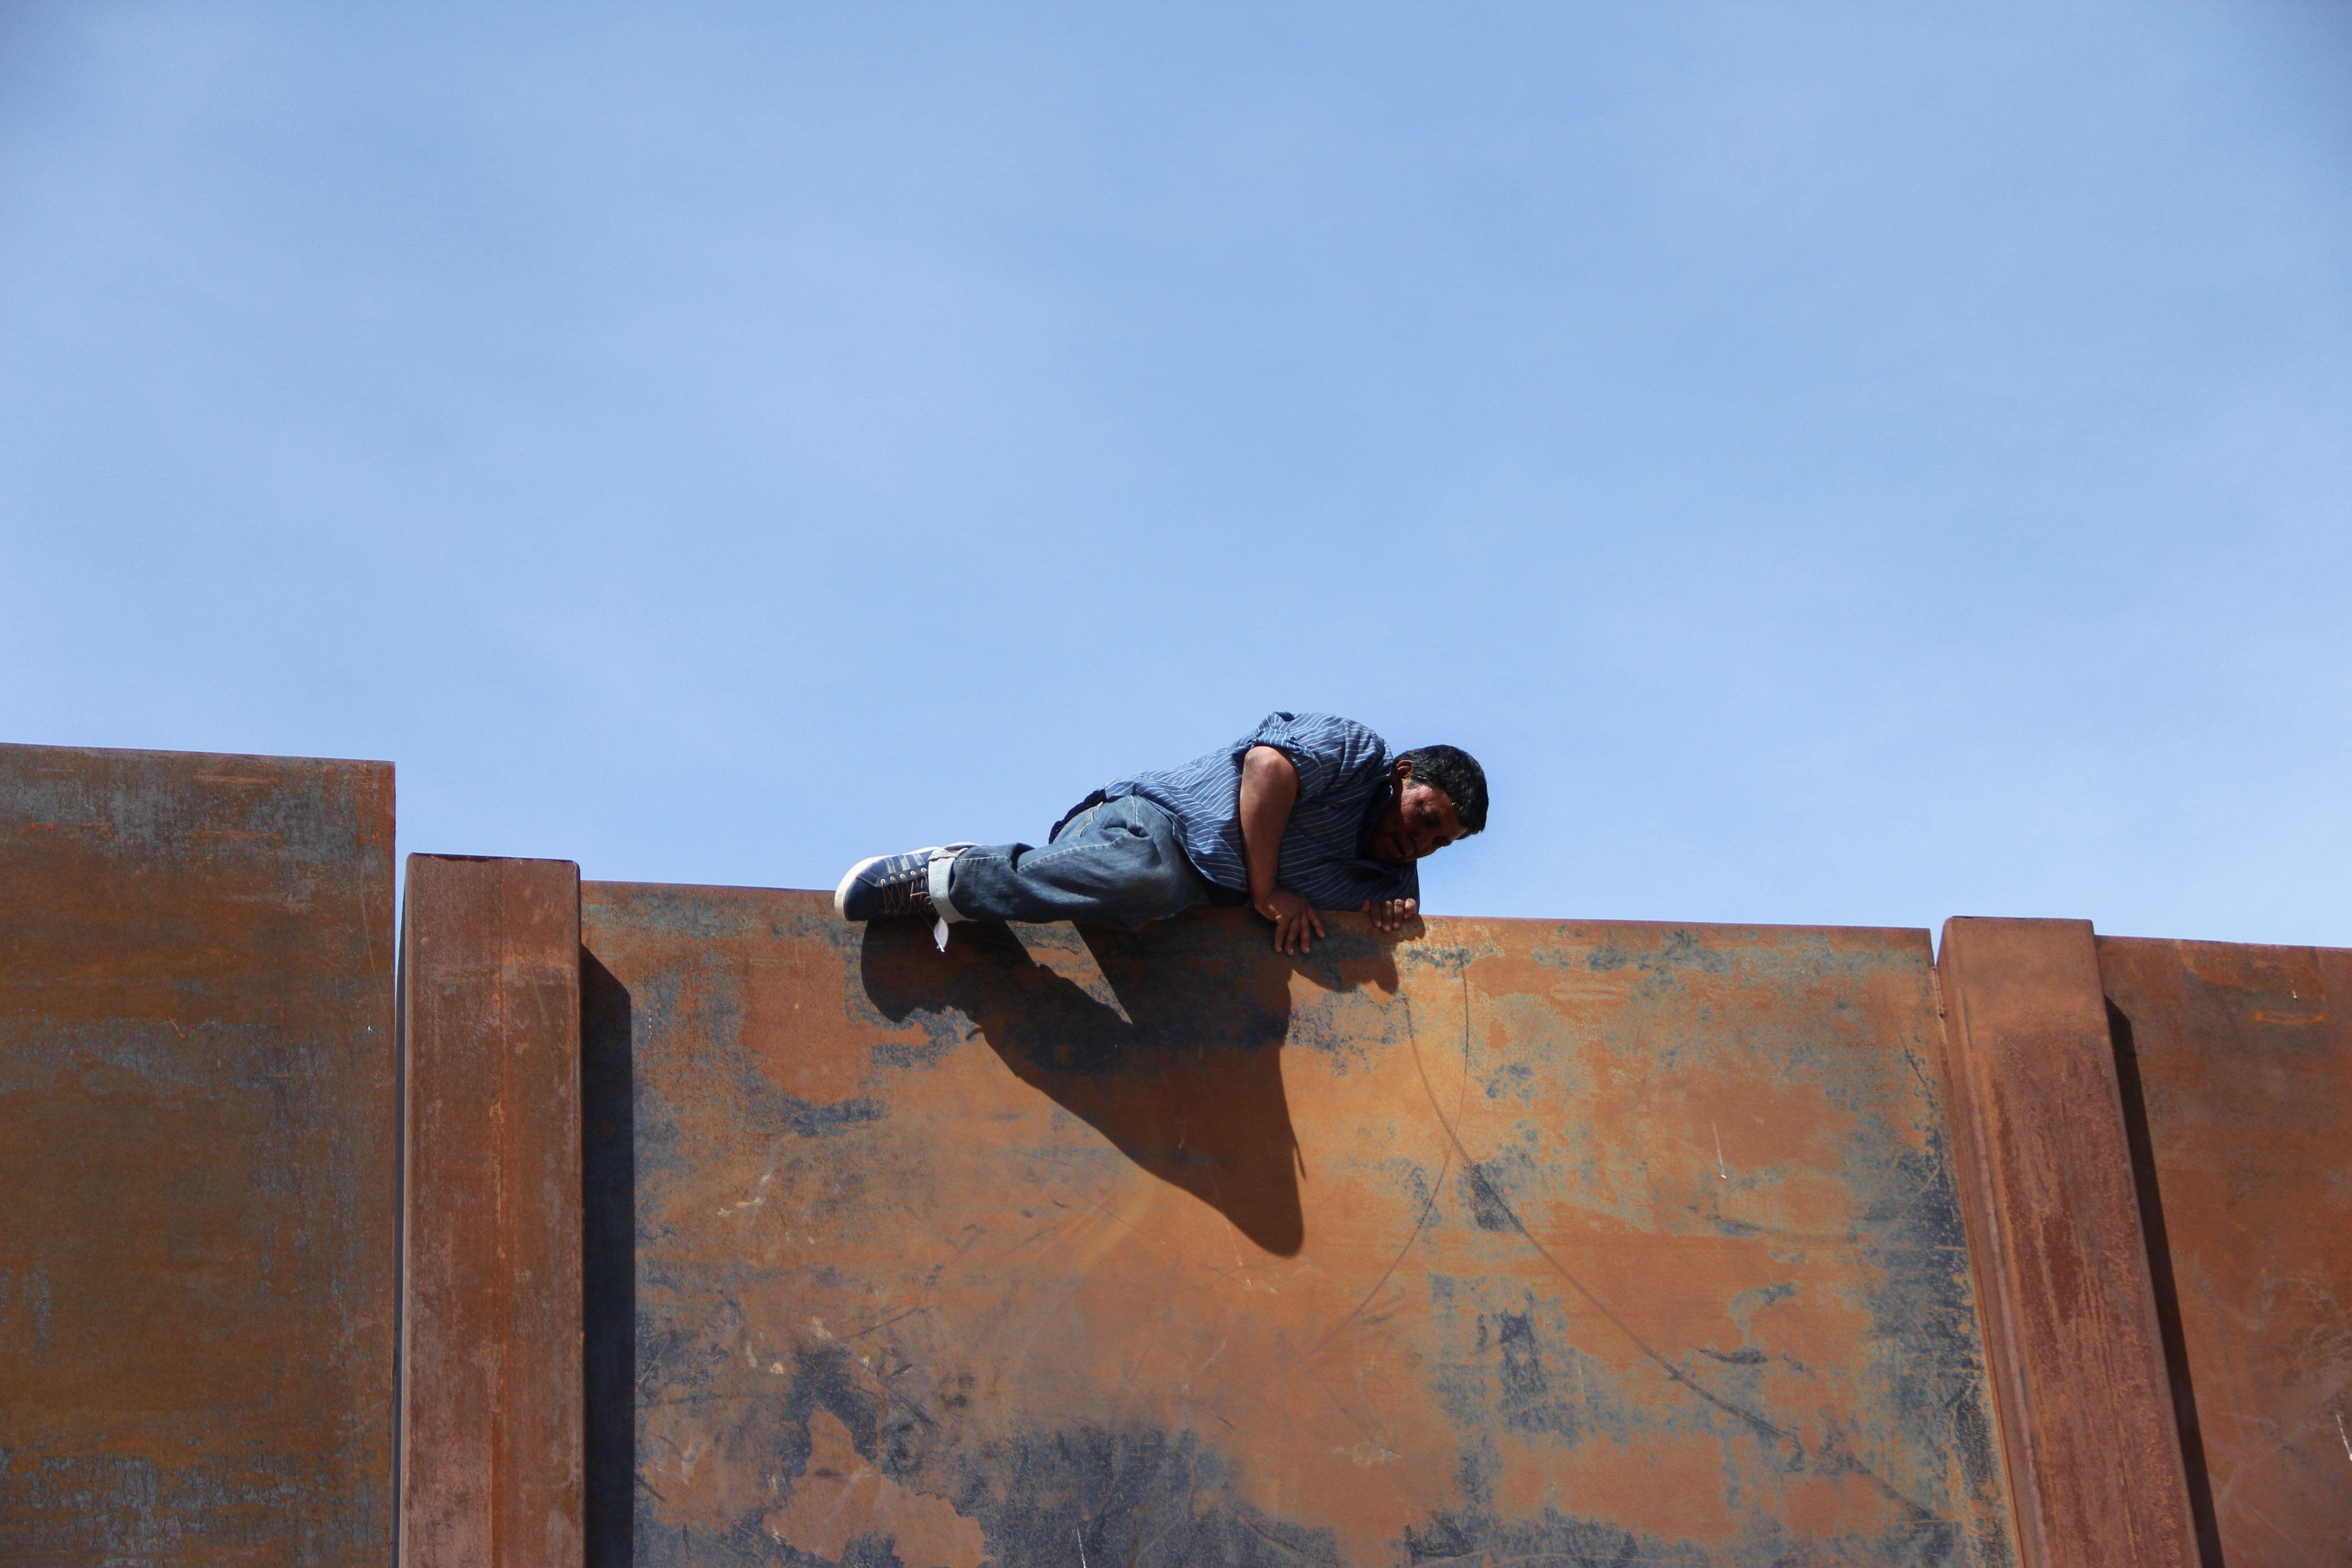 أحد المهاجرين فوق الجدار الحدودى